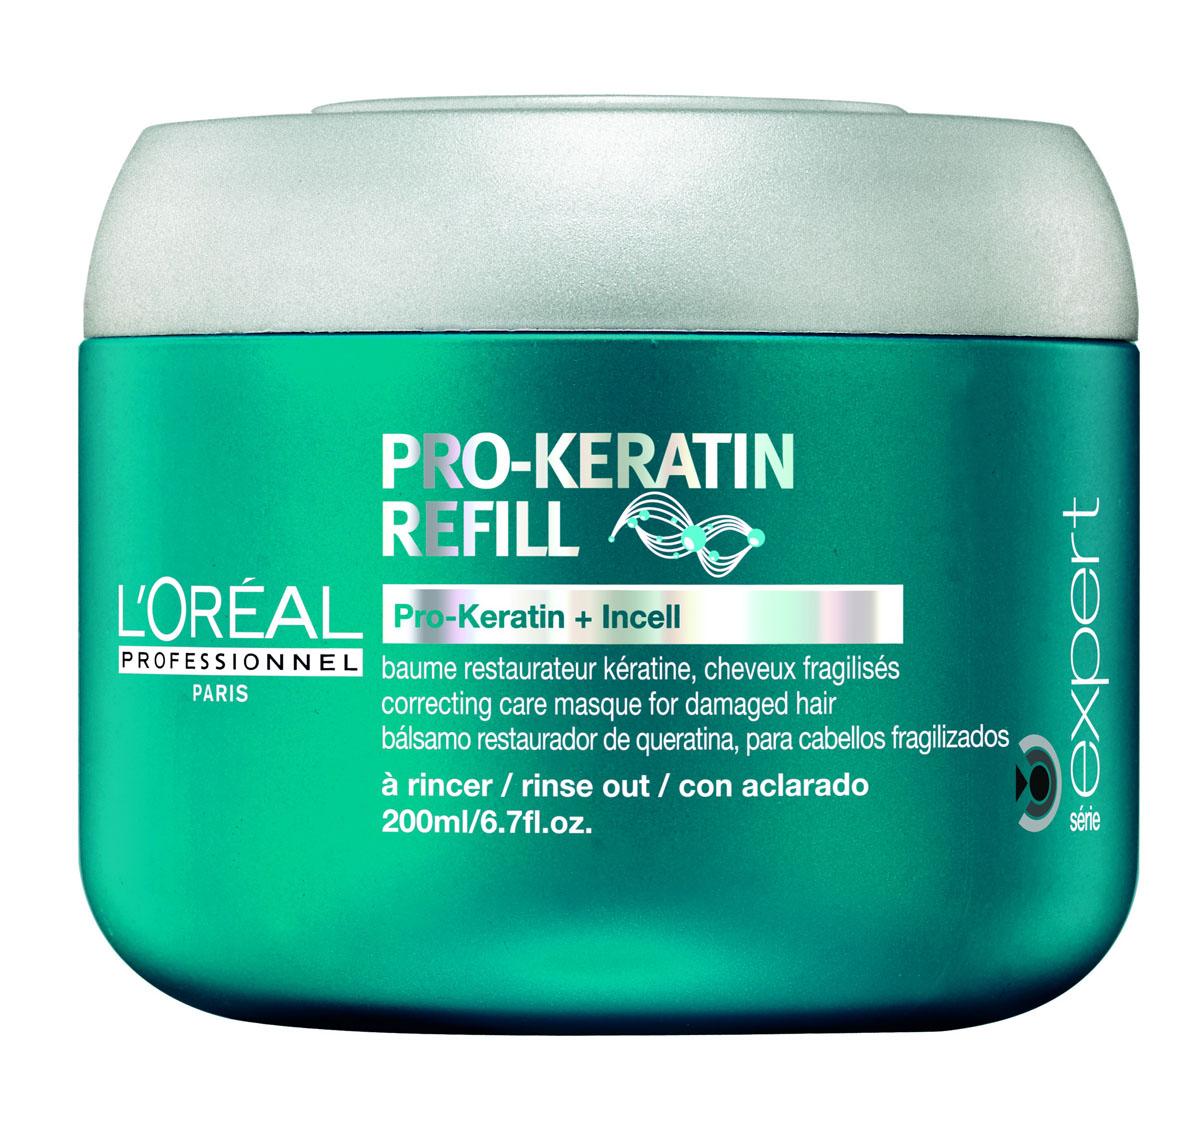 LOreal Professionnel Восстанавливающая и укрепляющая маска для поврежденных волос Expert Pro-Keratin Refill Masque - 200 млE0526082Питательная маска от Lоreal Professionnel глубоко проникает вглубь волоса и пополняет его поврежденную структуру.Обладает интенсивными питательными и лечебными свойствами.Устраняет сечение кончиков и спутывание, облегчая расчесывание. Укрепляет волосяной фолликул и уплотняет волосы.Препятствуя чрезмерному выпадению волос, способствуя здоровому росту волос.Устраняет нежелательную пушистость и делает волосы послушными.Придает дополнительный блеск, необходимую гладкость и шелковистость.Восстанавливает поврежденные чешуйки волос, интенсивно питает, защищает от негативного воздействия среды.Исследования показали, что волосы на 70% становятся менее ломкими и хрупкими.Активные компоненты: Pro-кератин, молекулы Incell, протеины пшеницы, аргинин, фруктовые экстракты.